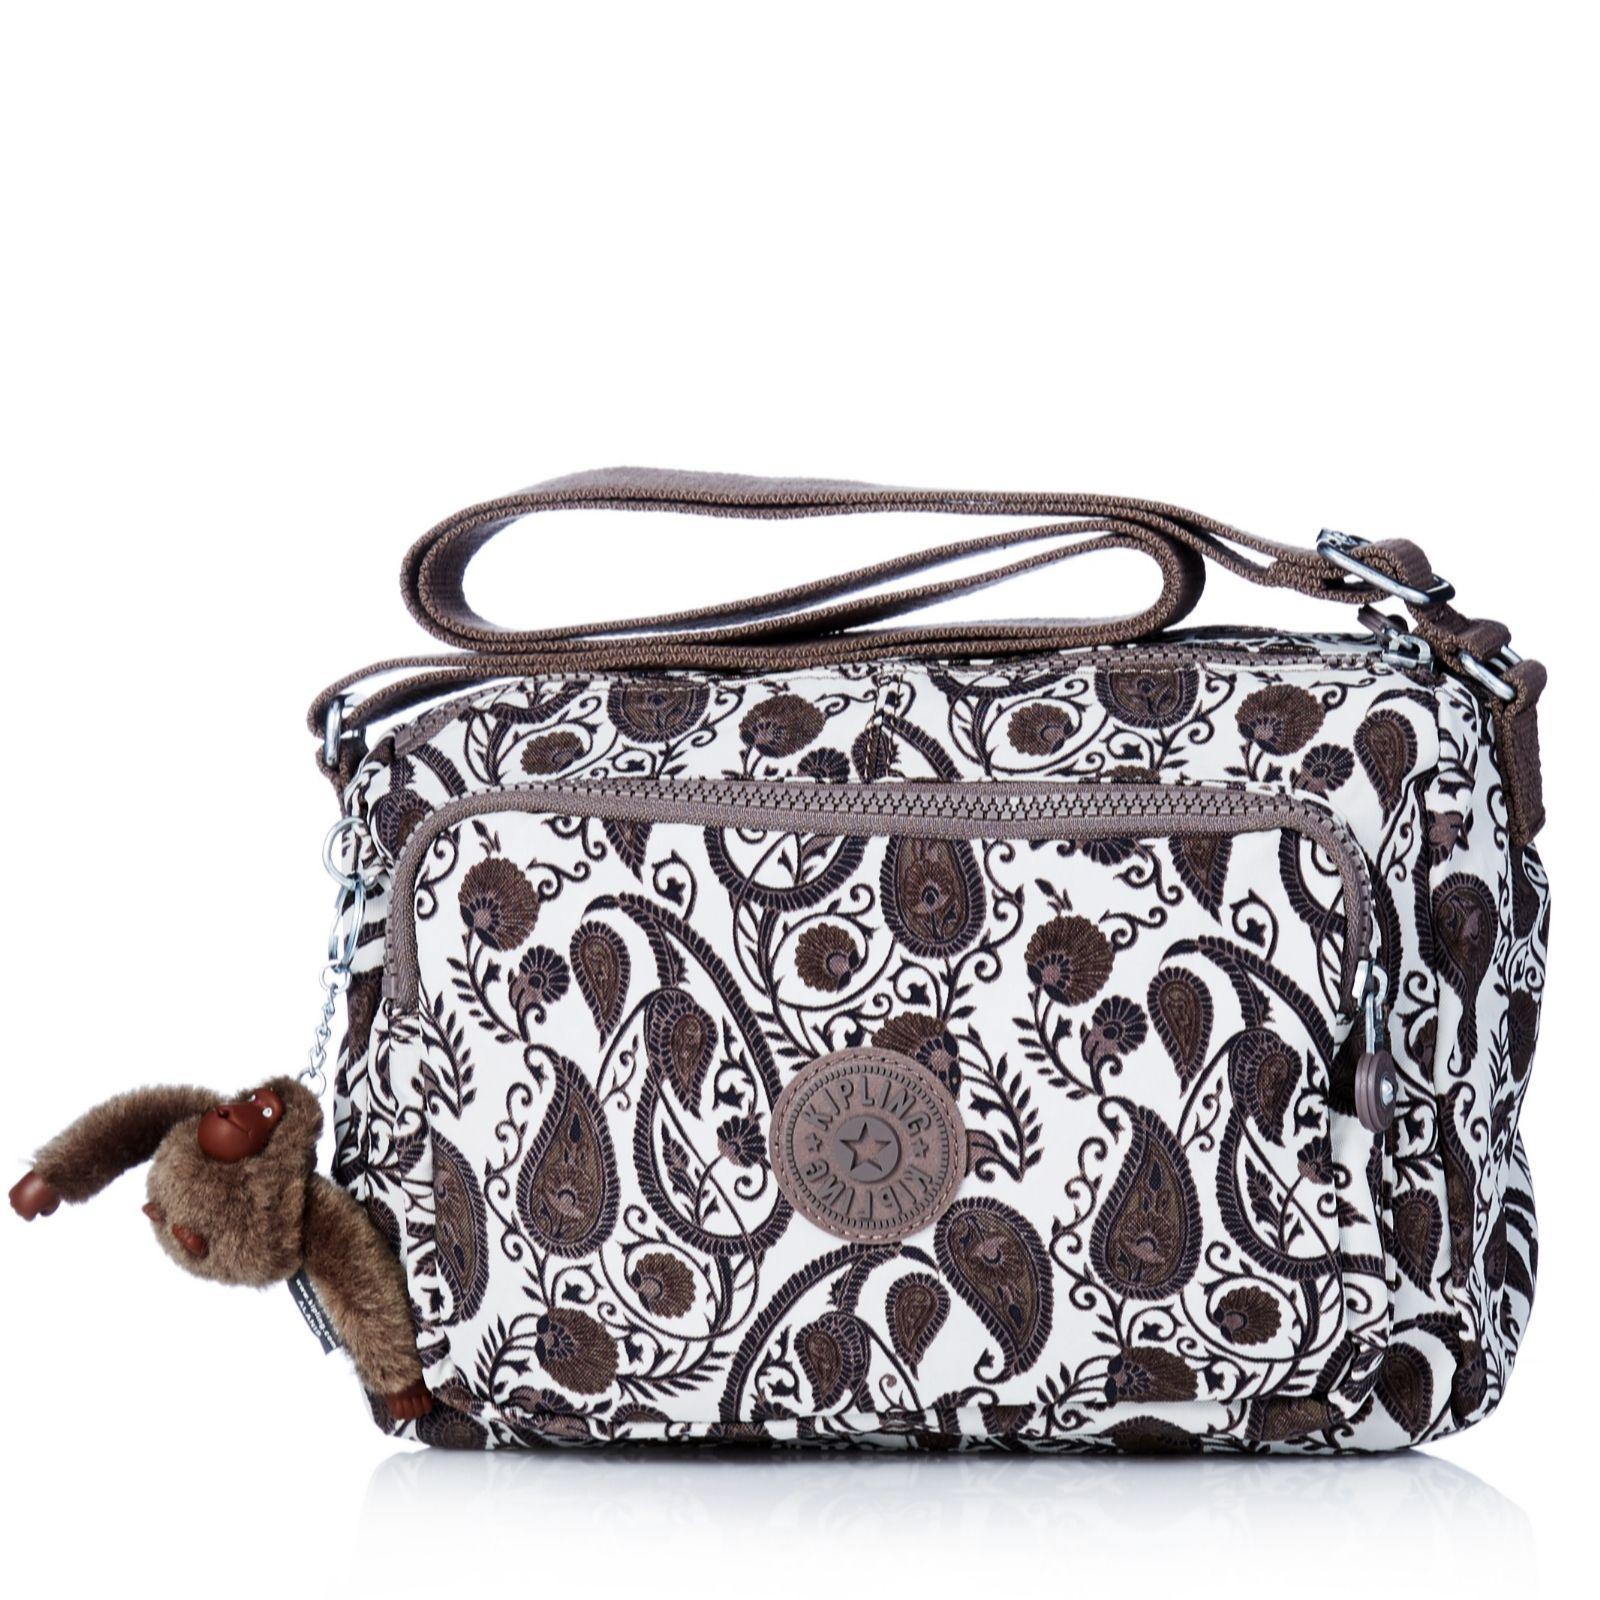 Kipling Handbags Uk Qvc